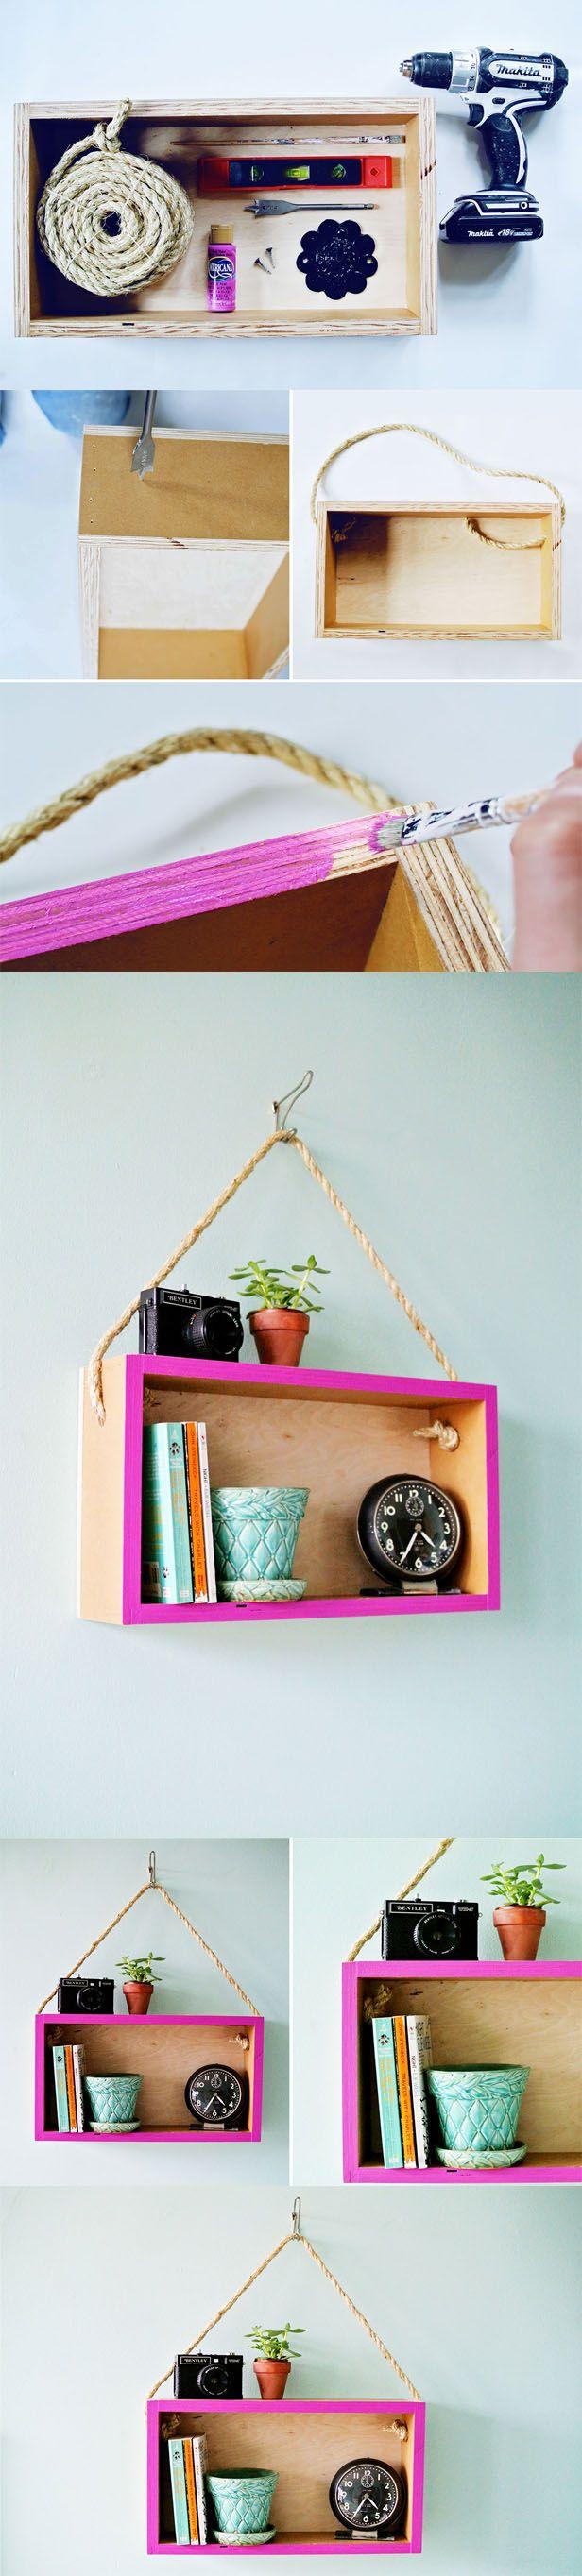 caja-colgante-estanteria-reciclaje-diy-muy-ingeniodo-1                                                                                                                                                                                 Más